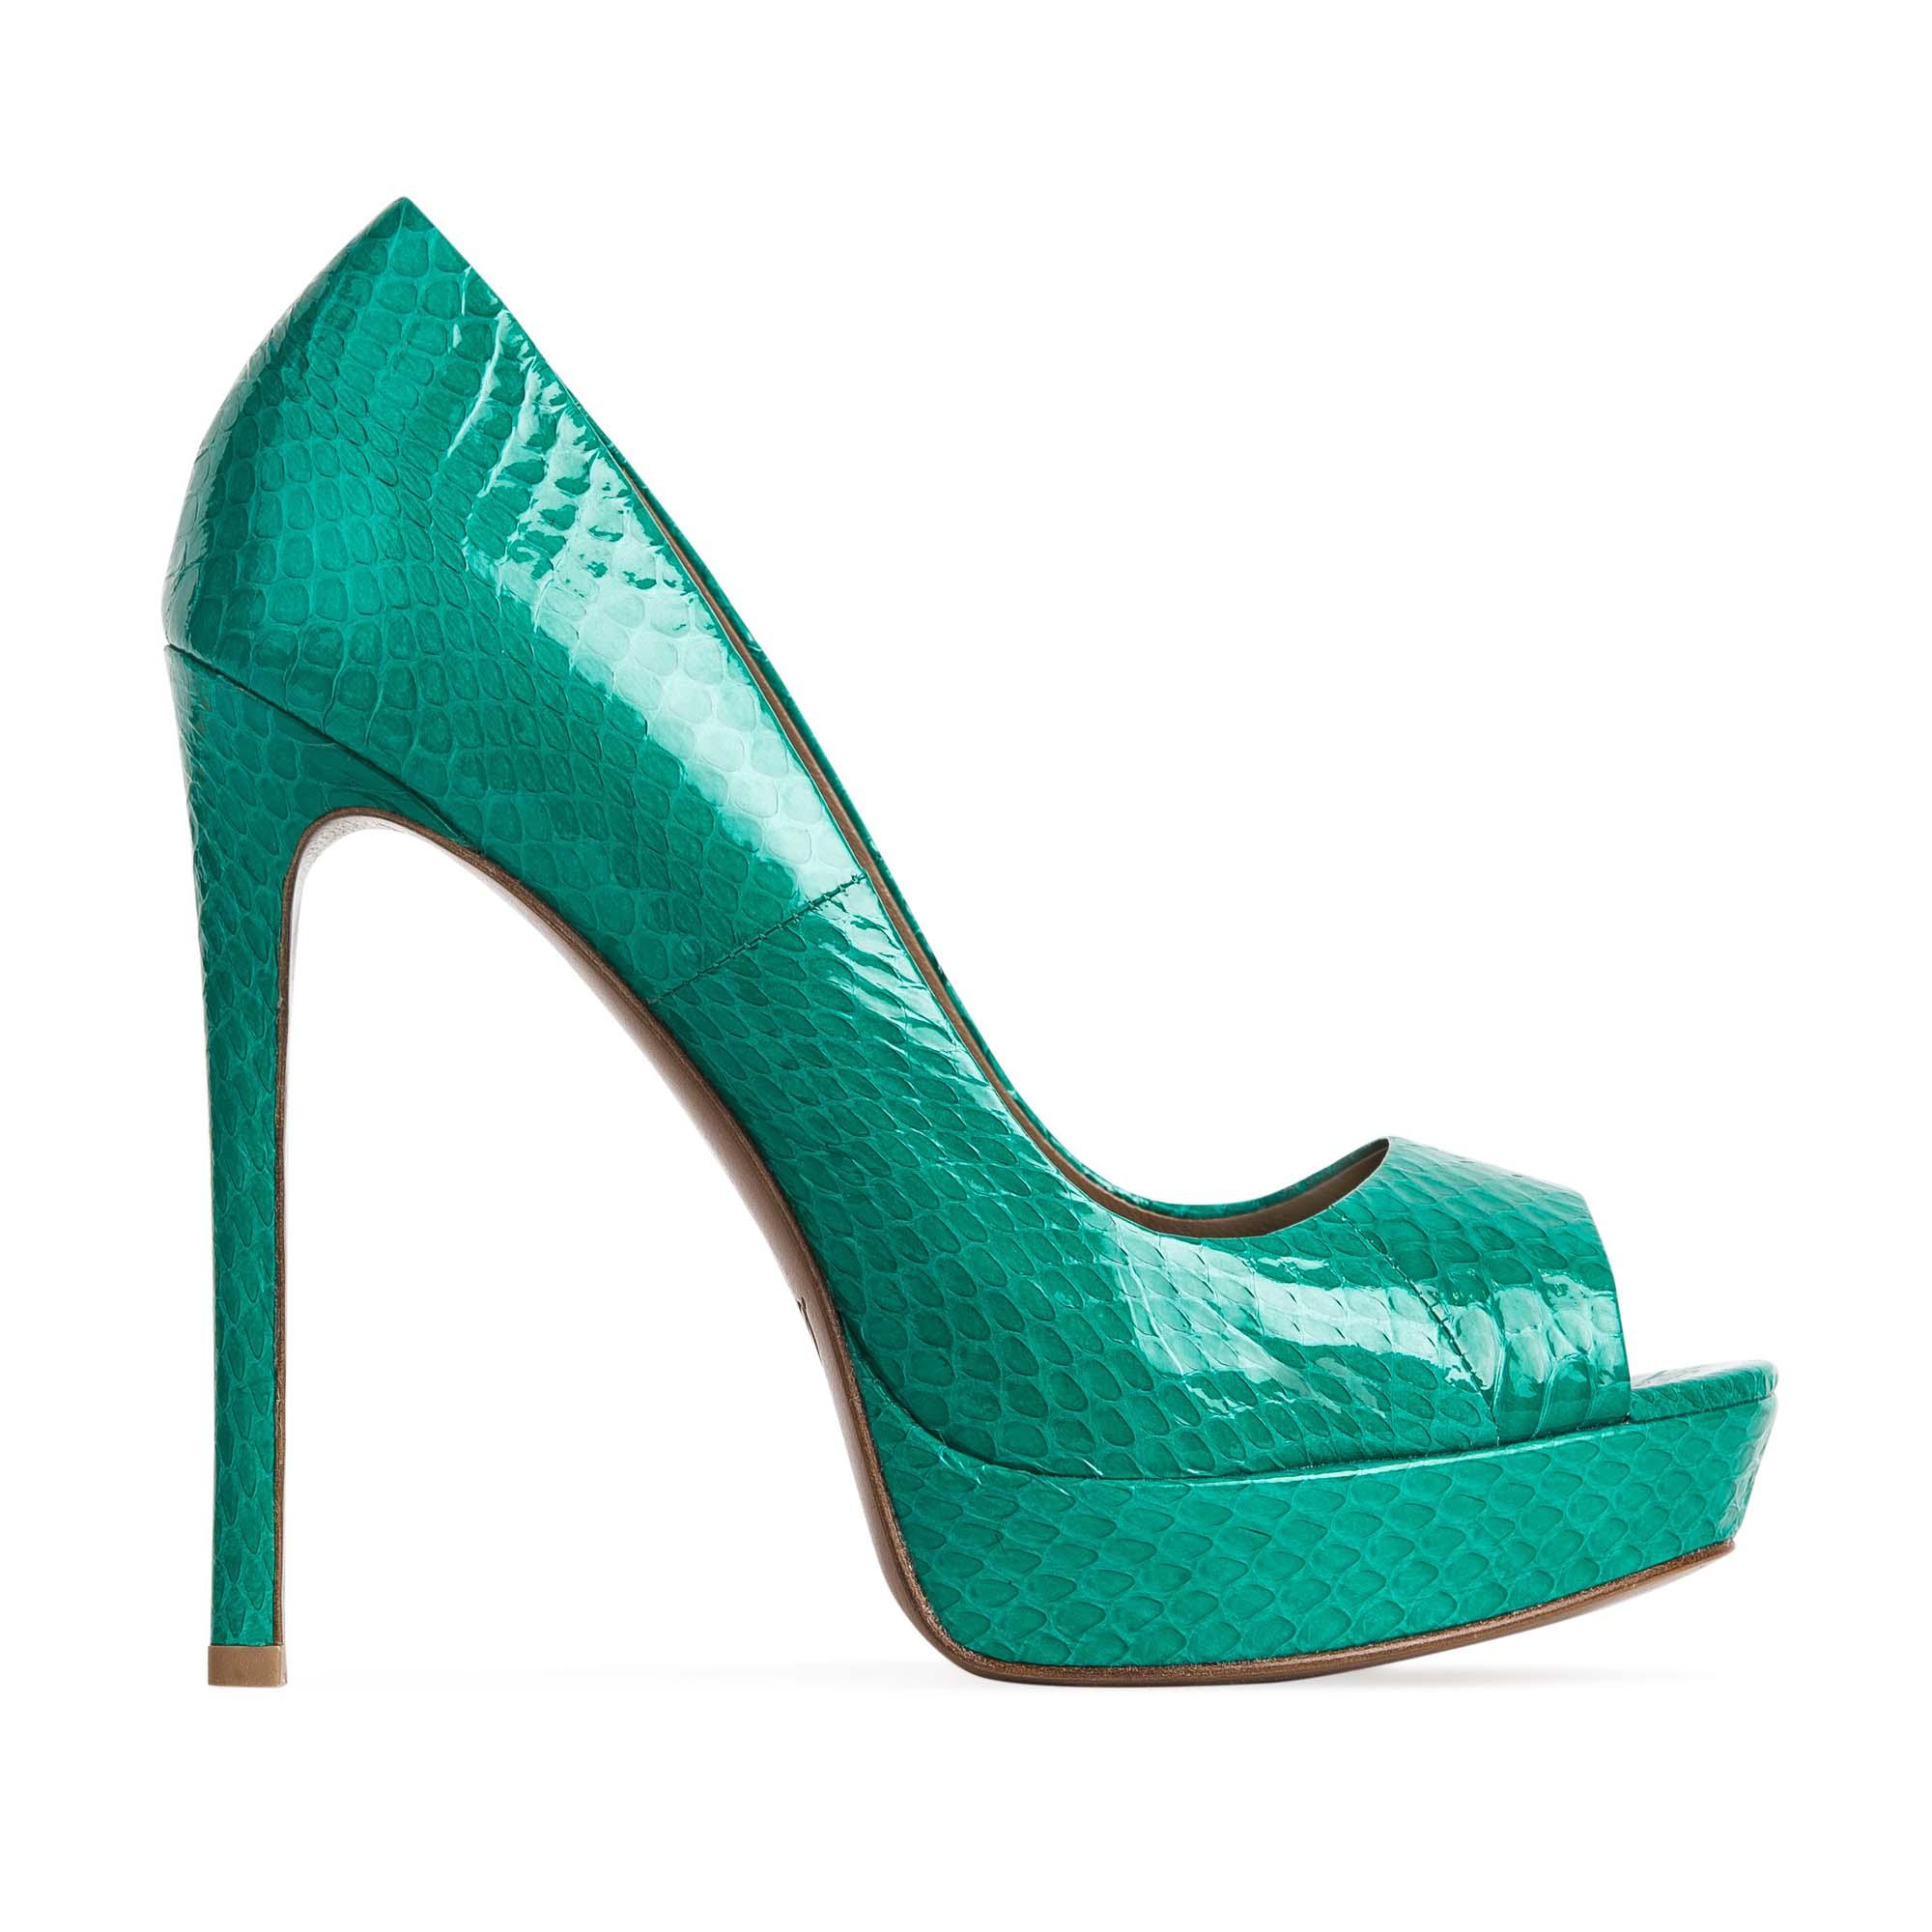 Туфли из кожи змеи бирюзового цвета на высоком каблуке